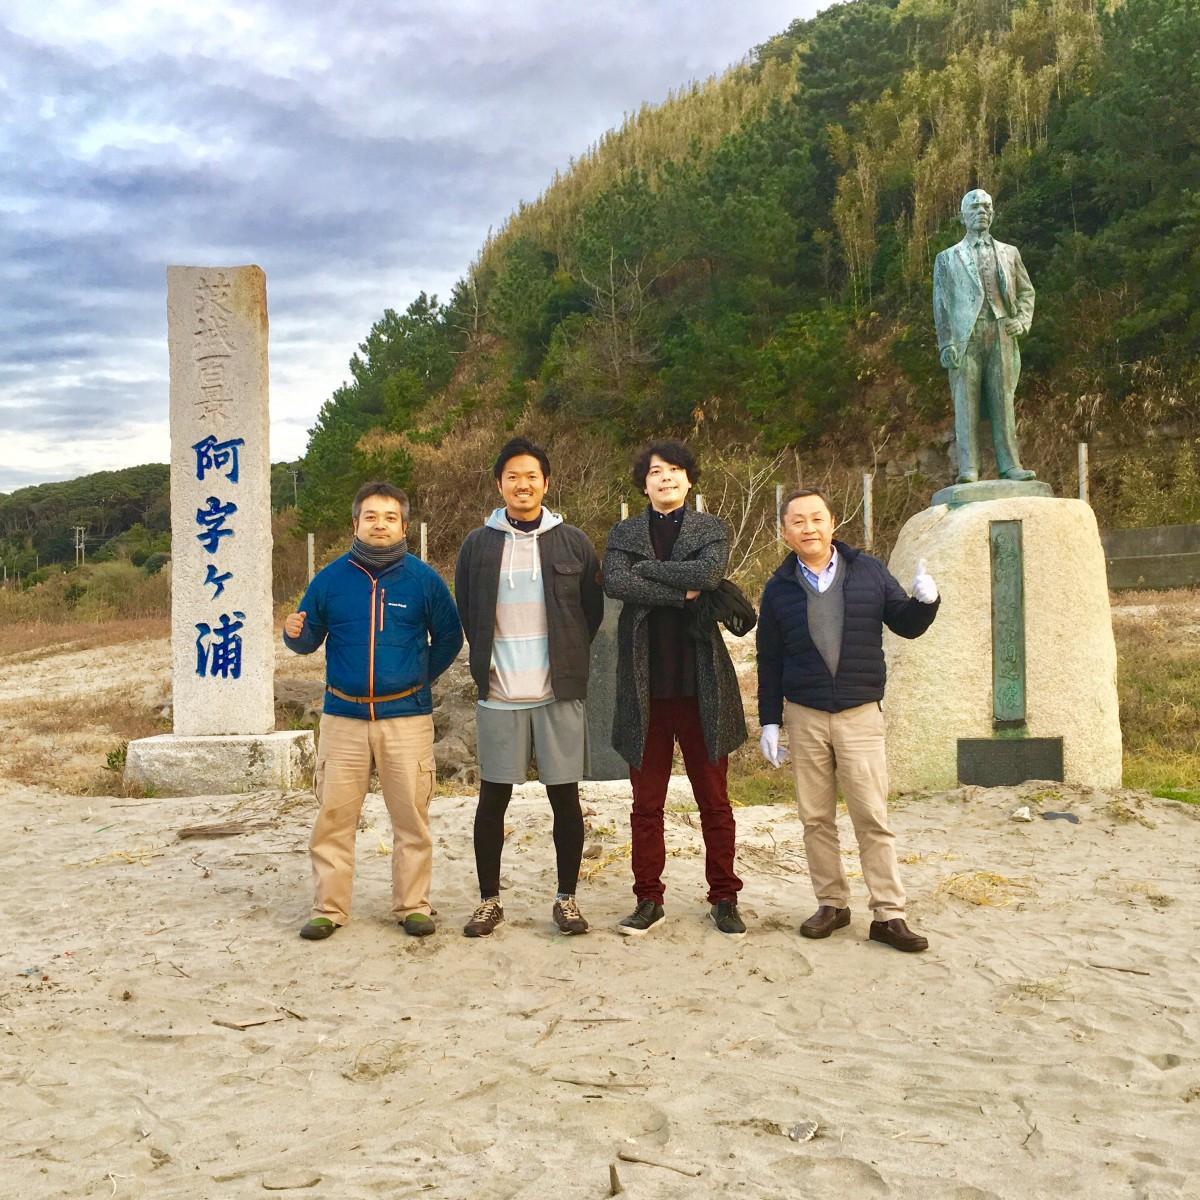 (左から)「イバフォルニア・プロジェクト」メンバーの小池さん、小野瀬さん、横須賀さん、黒澤さん